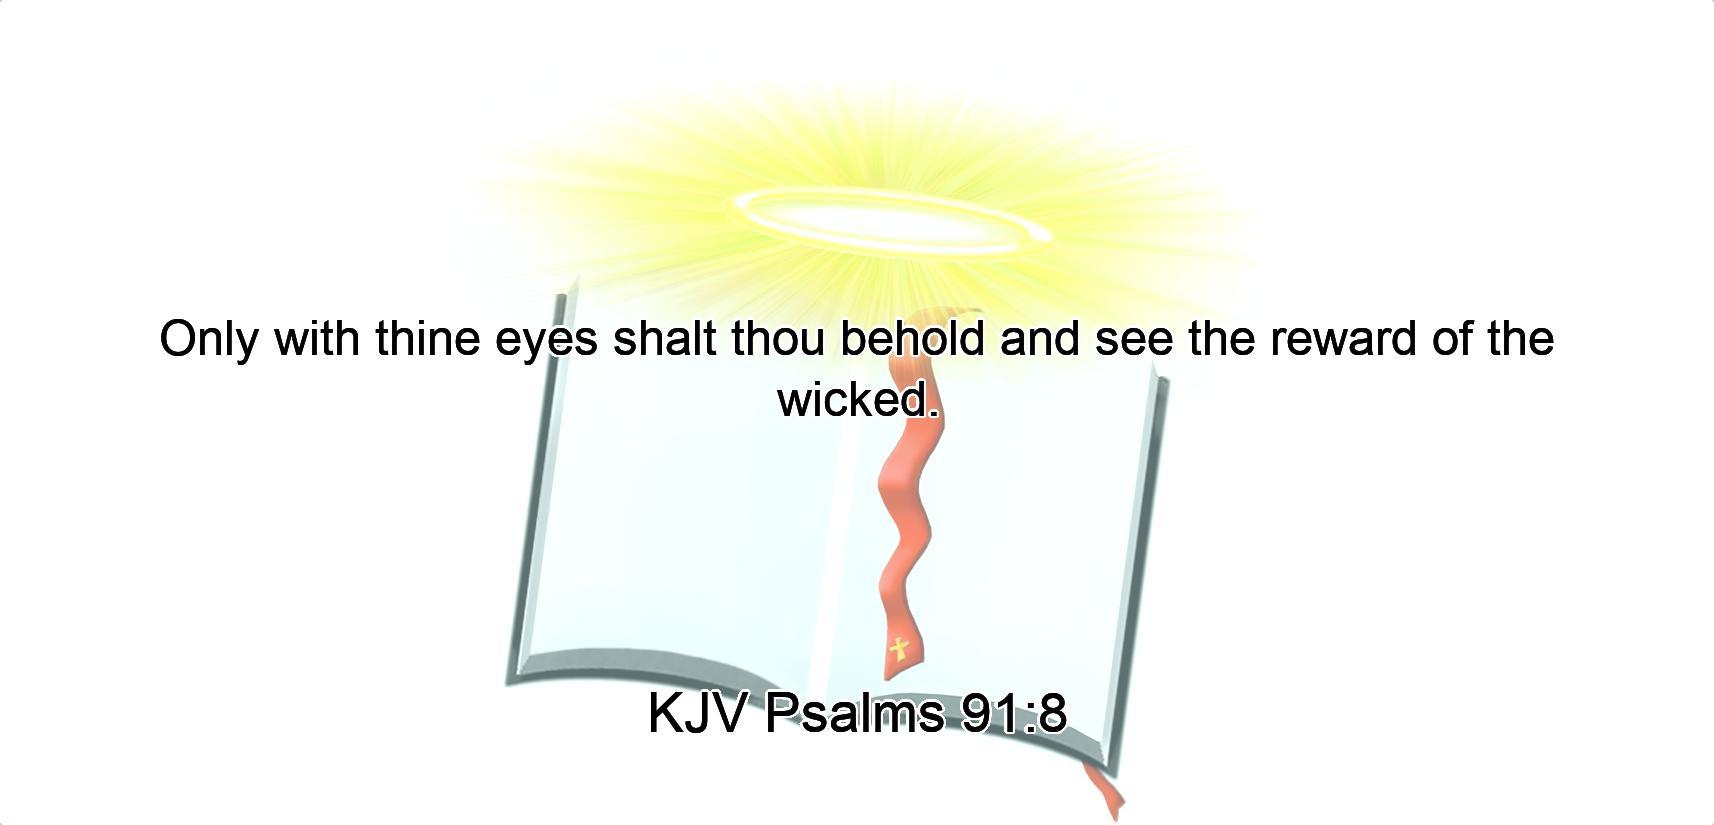 KJV Psalms 91:8 - TouchBible net